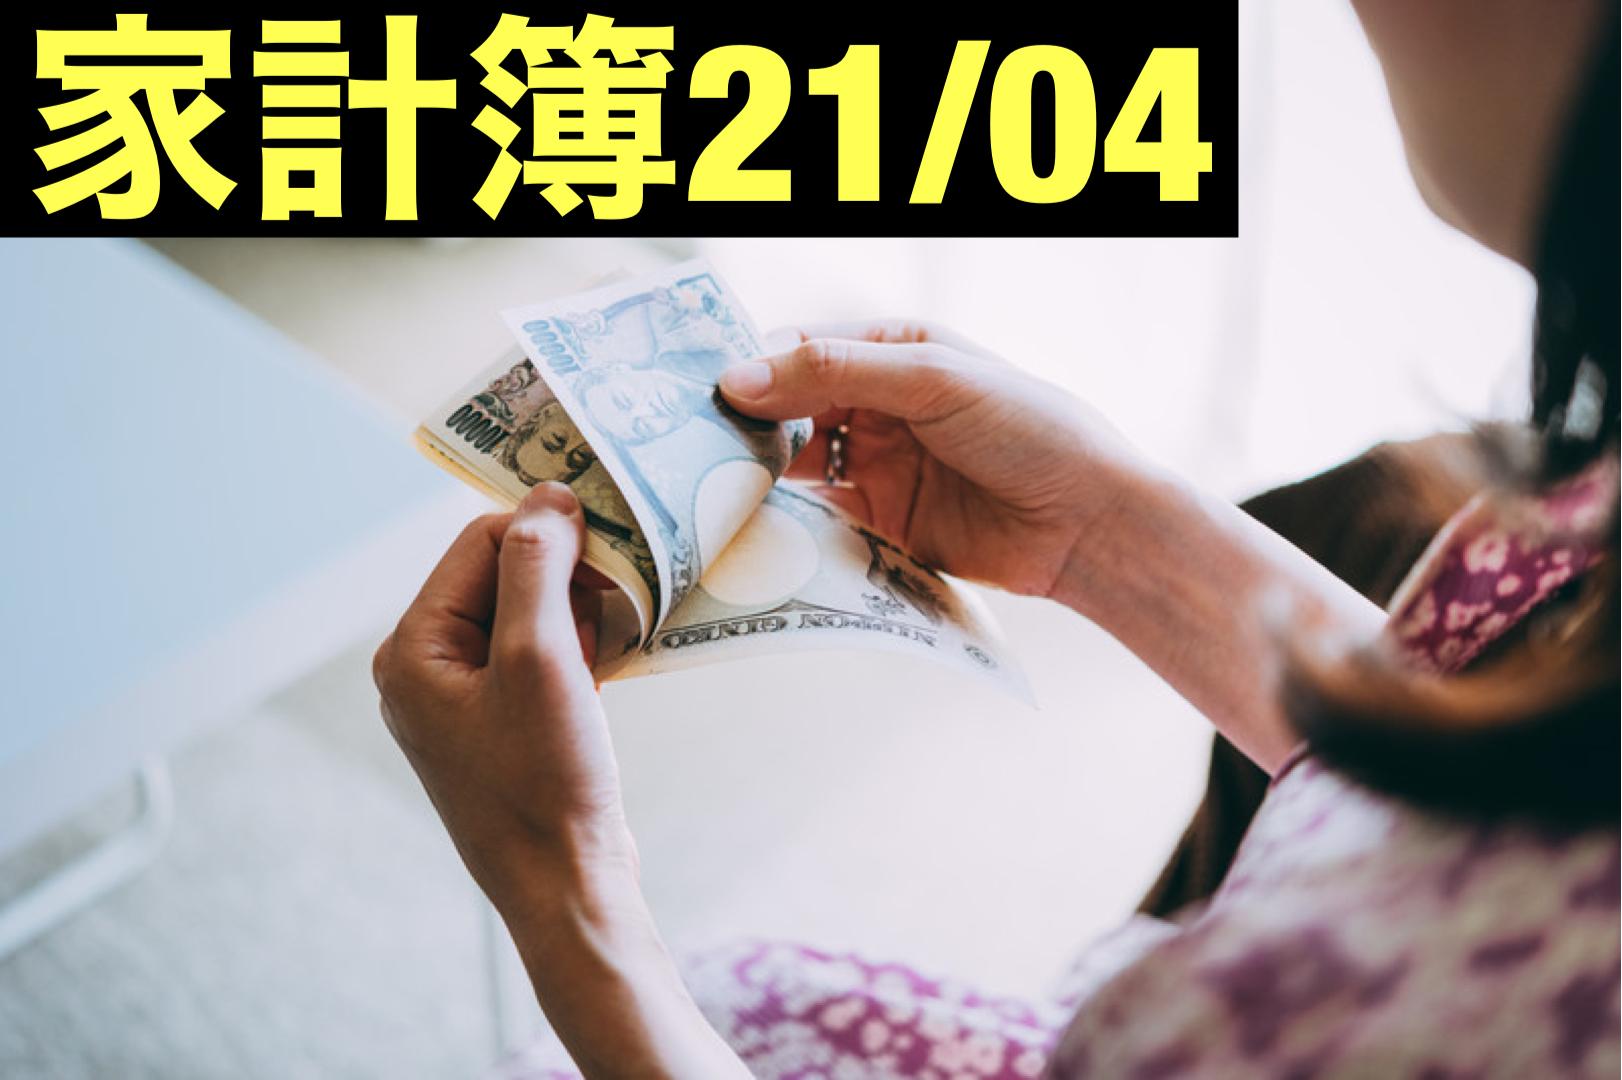 【30代】家計簿公開・21年04月【1人暮らし】